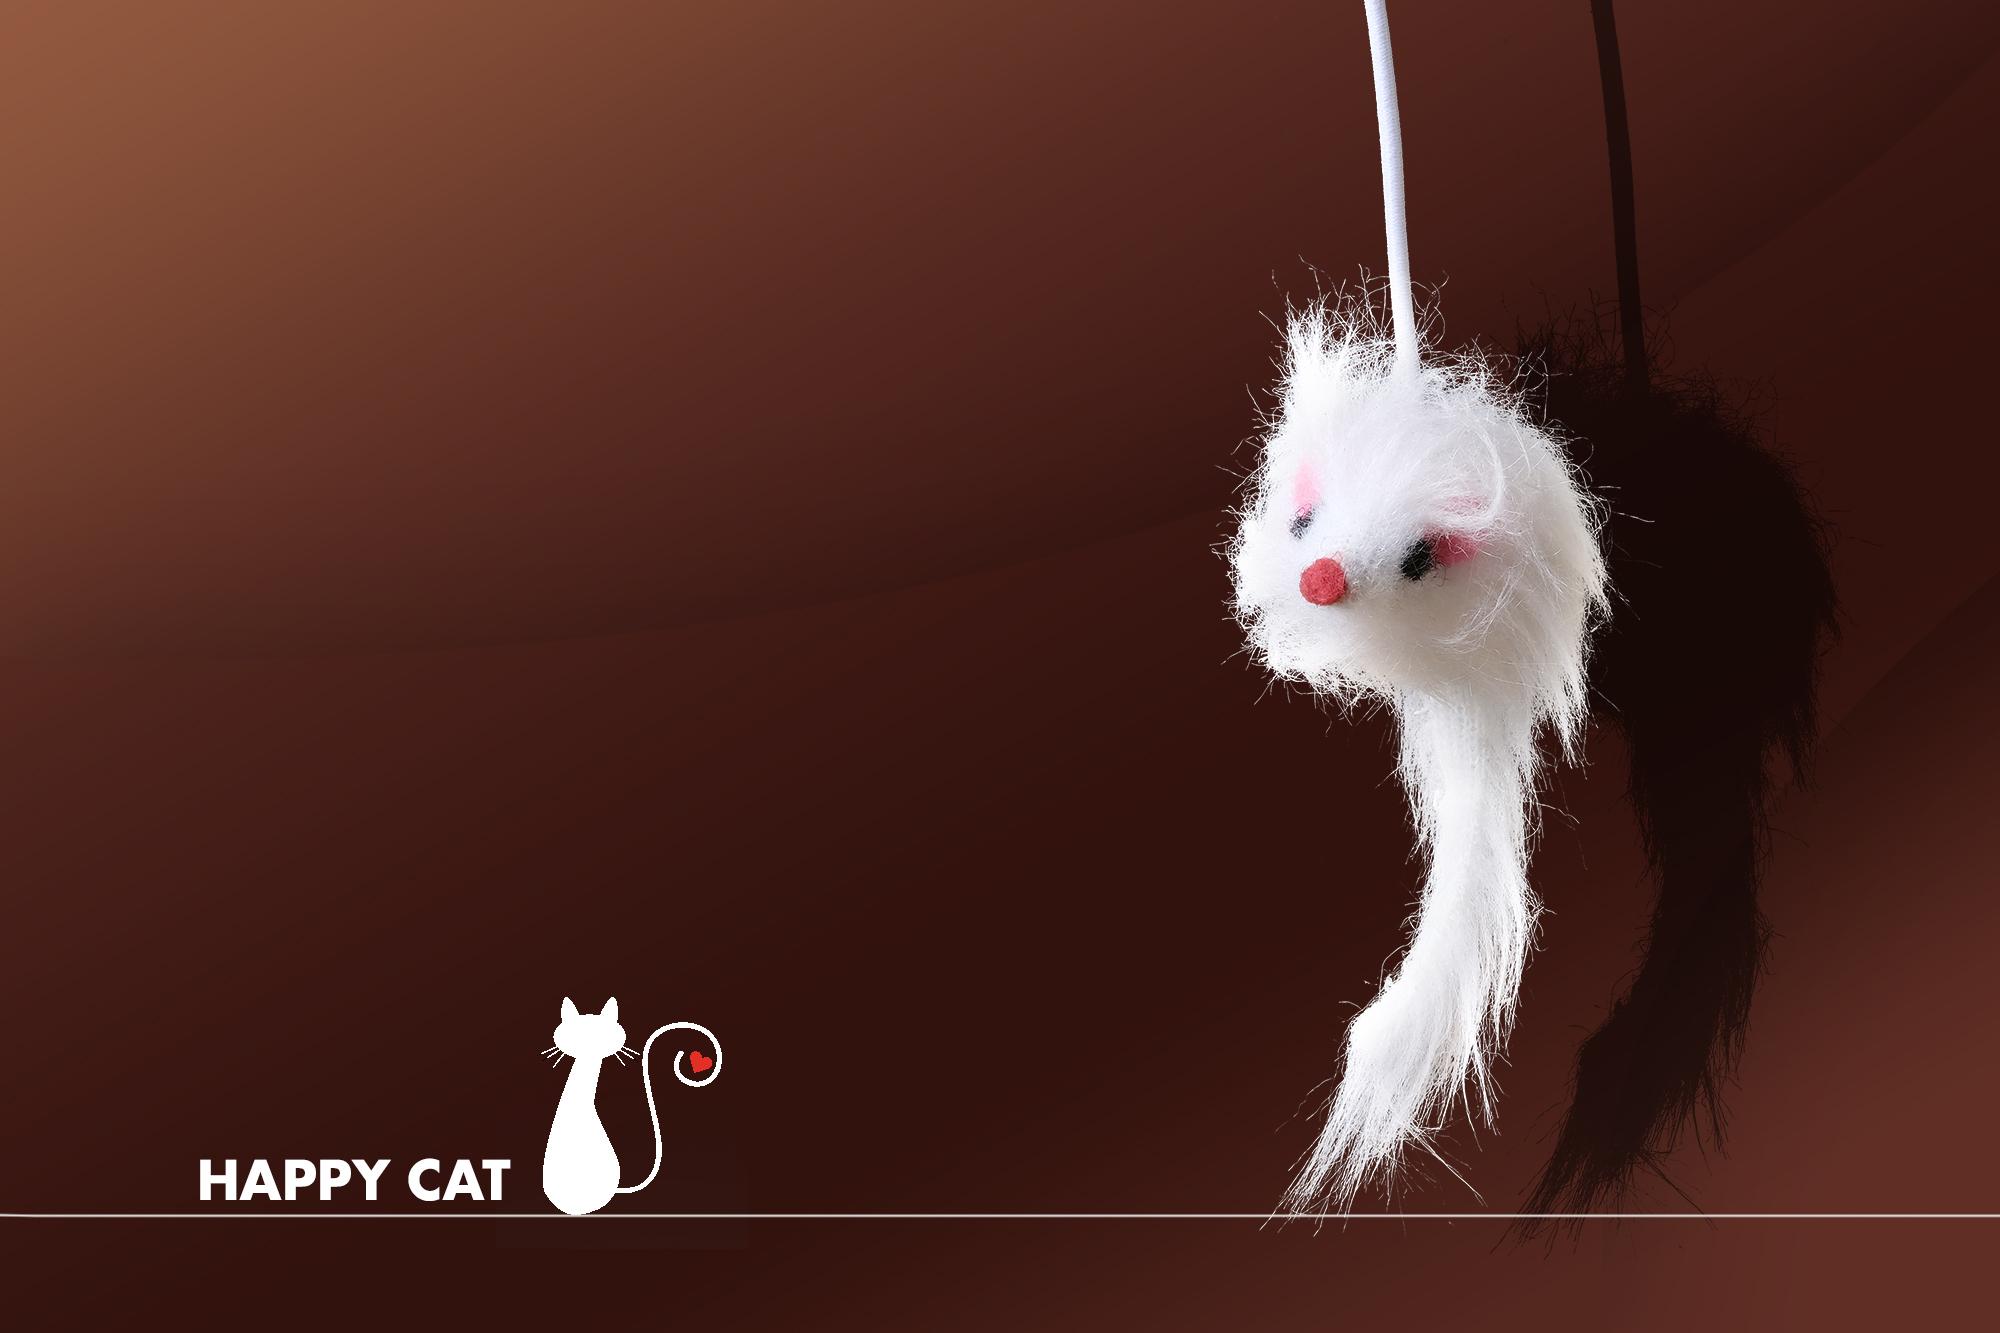 happy cat banner.jpg